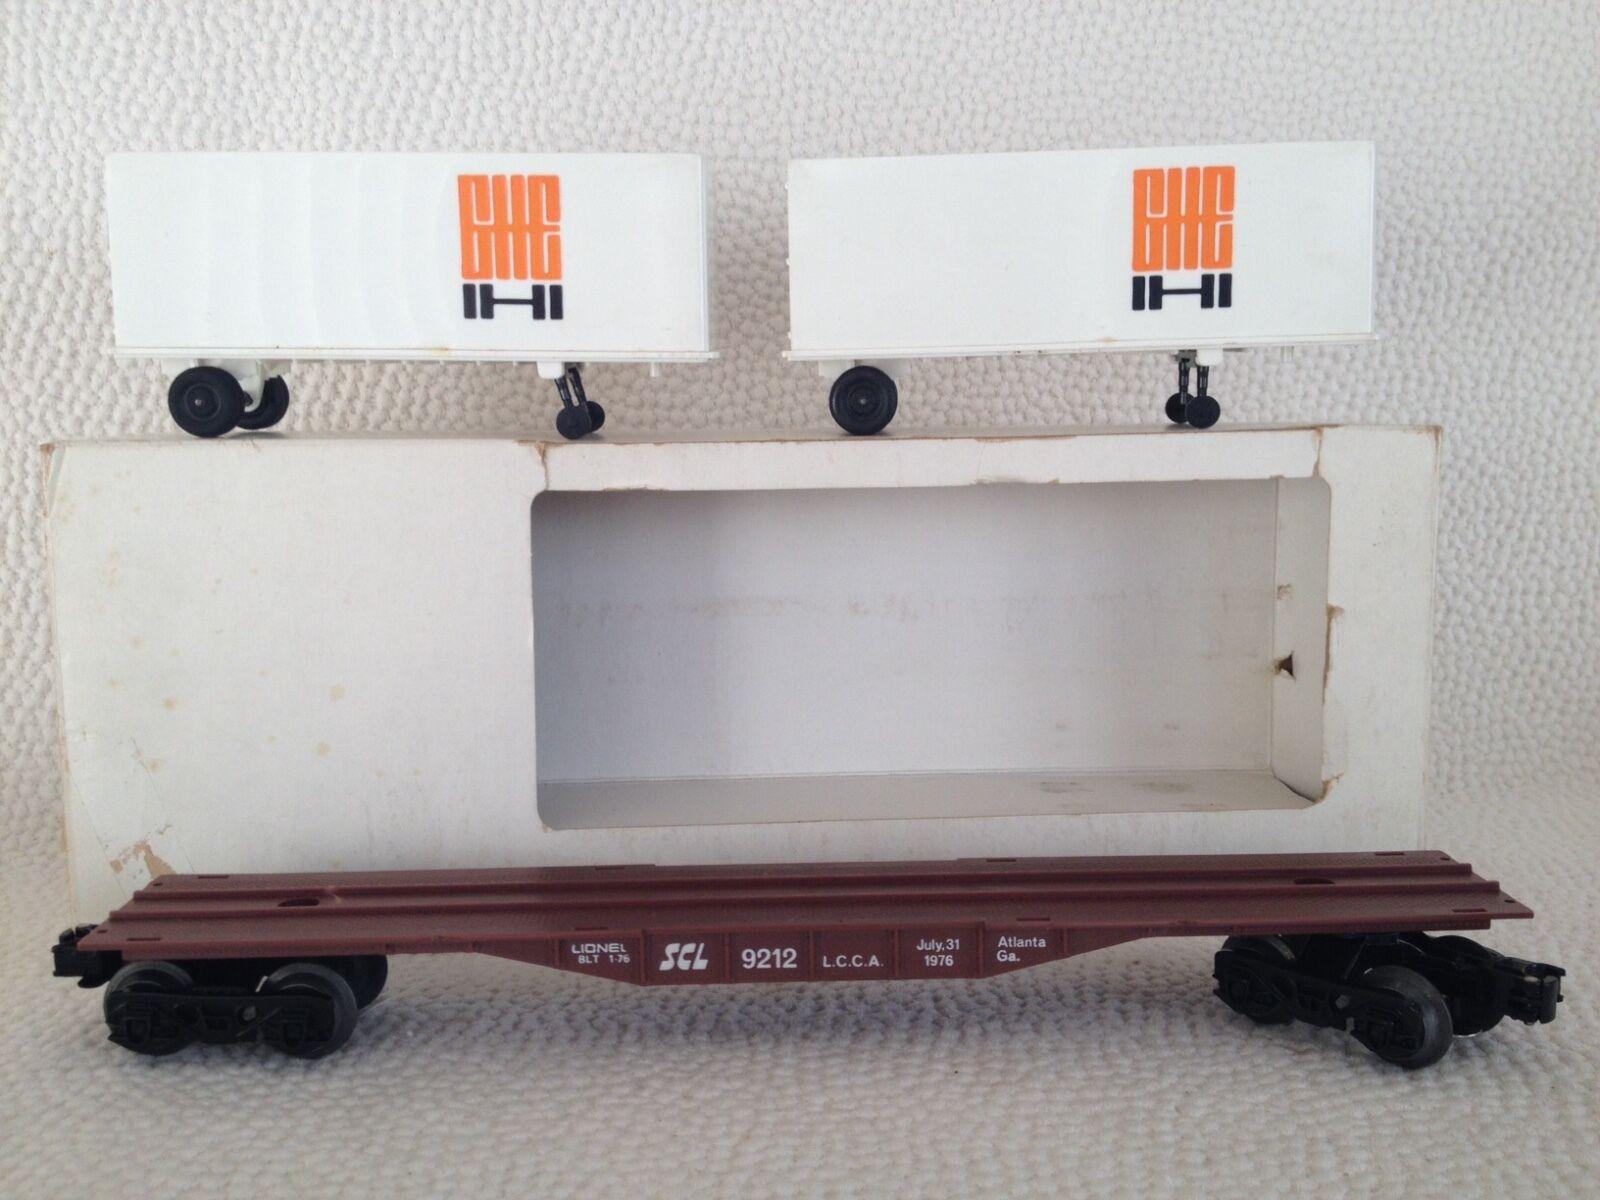 Lionel 1975 L.C.C.A. Seaboard Coast Line Flat Car GHE Trailers